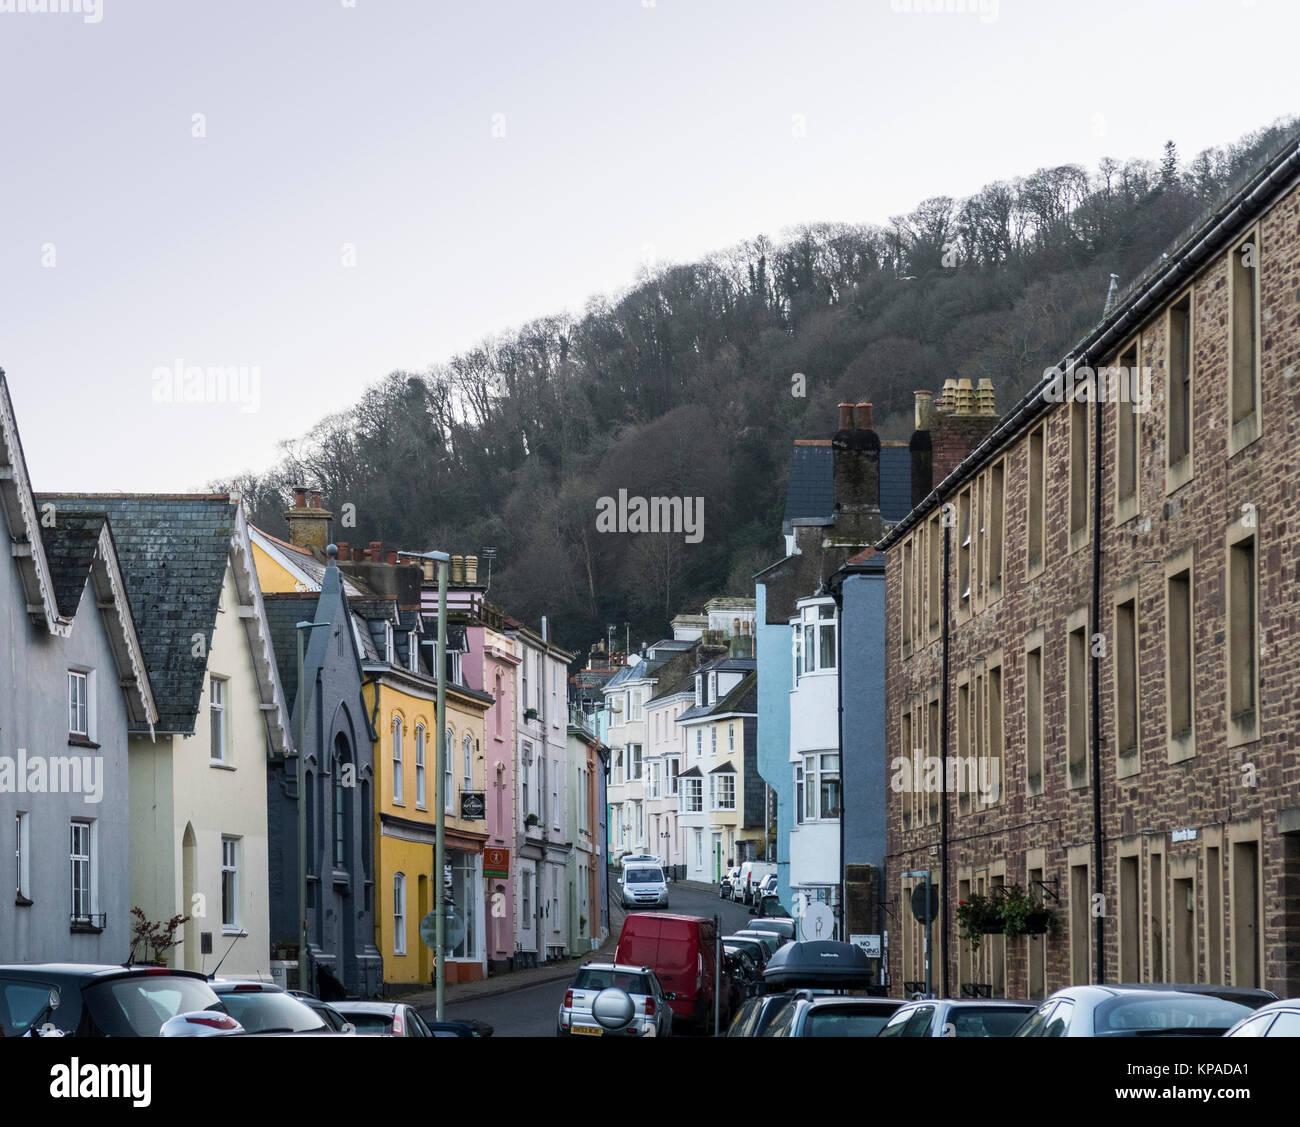 Vista a lo largo de la Calle Mayor, Dartmouth, Devon, con una amplia variedad de casas en cada lado. Imagen De Stock